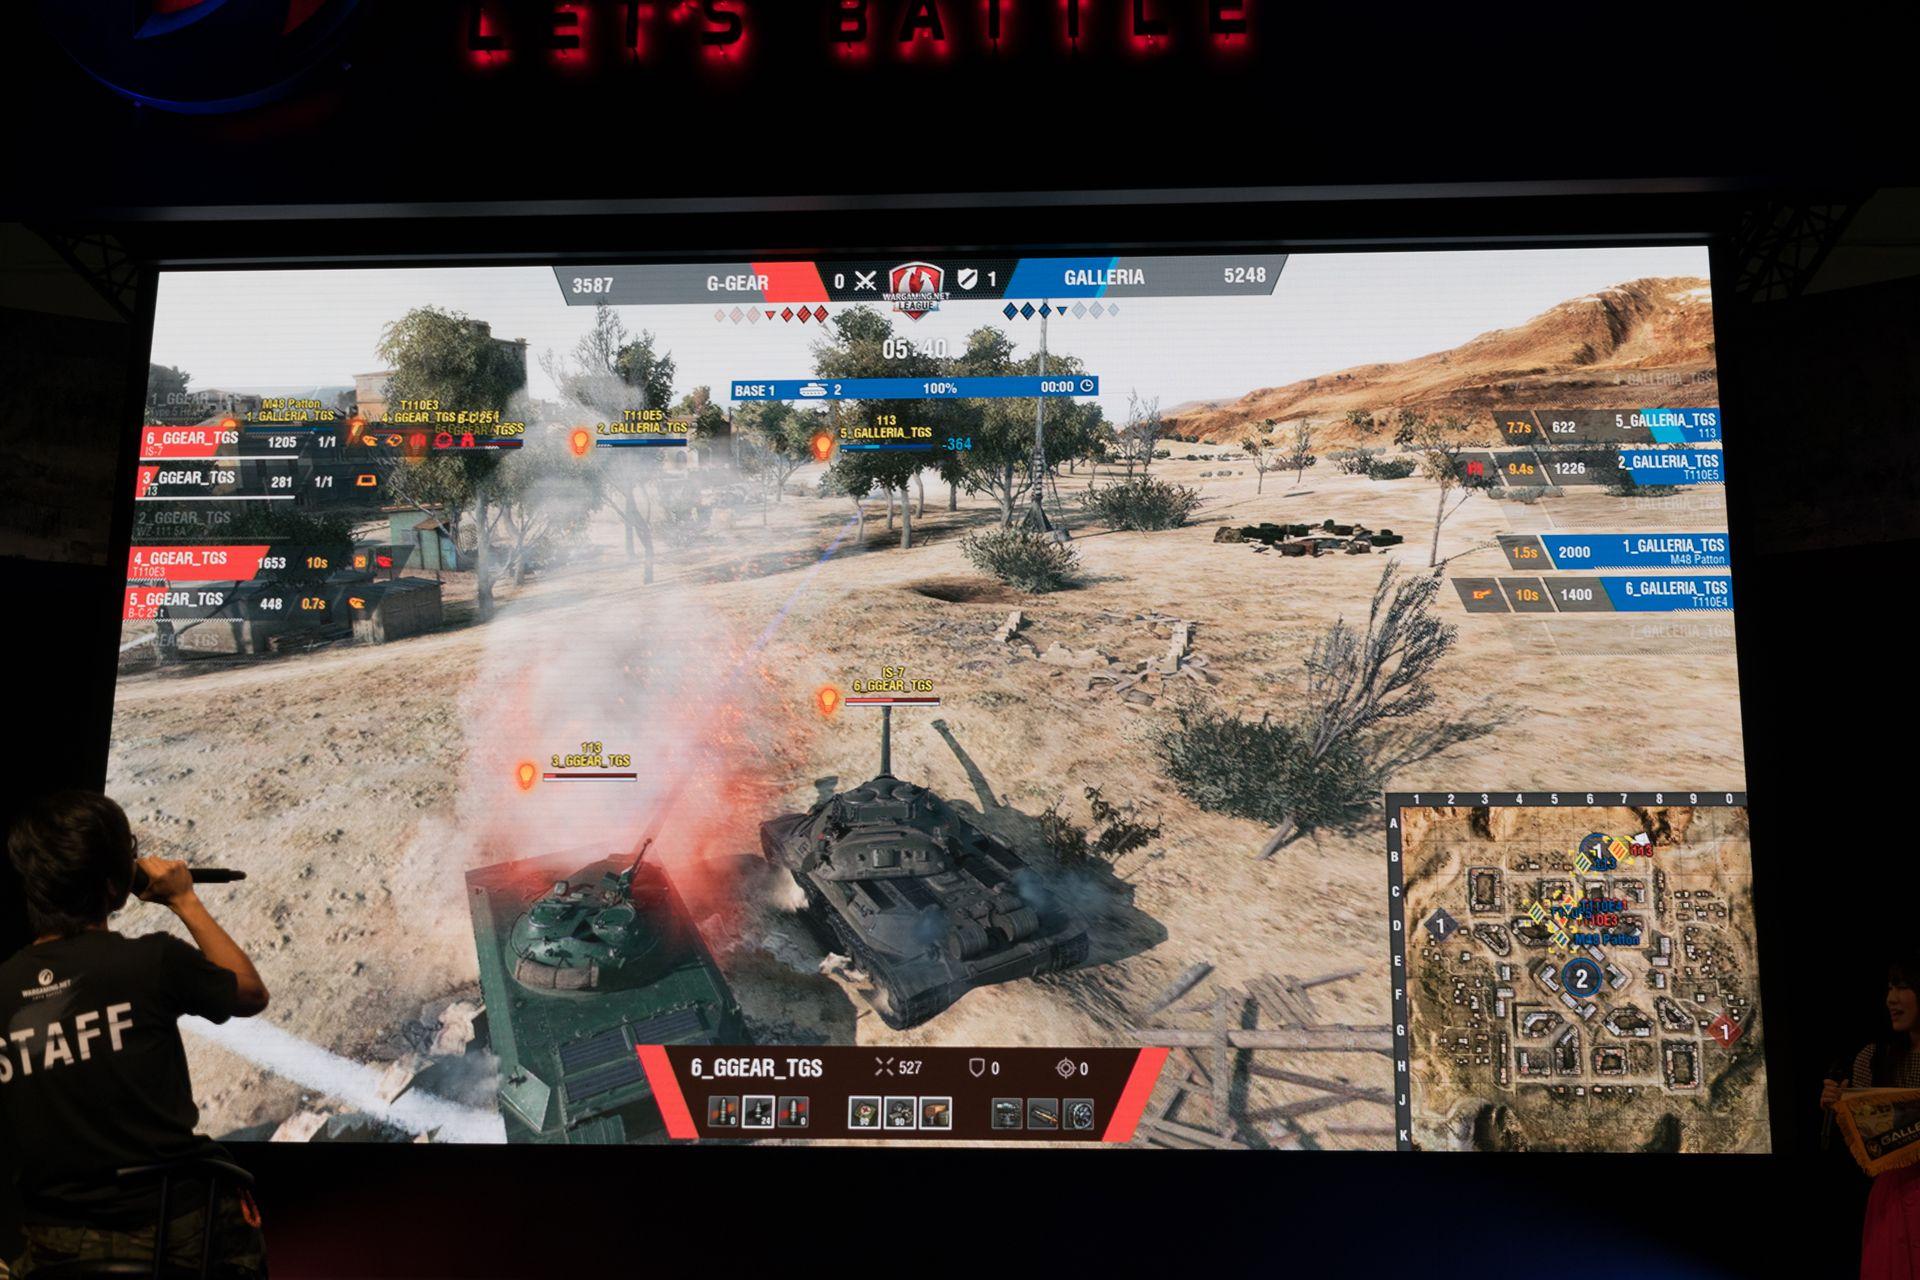 強豪チームの激突だけあって拠点占拠もままならない。赤のG-Gearが拠点を占拠に入っても、命中弾を的確に送り込まれHPも削られる。1勝1敗のままタイブレークへ